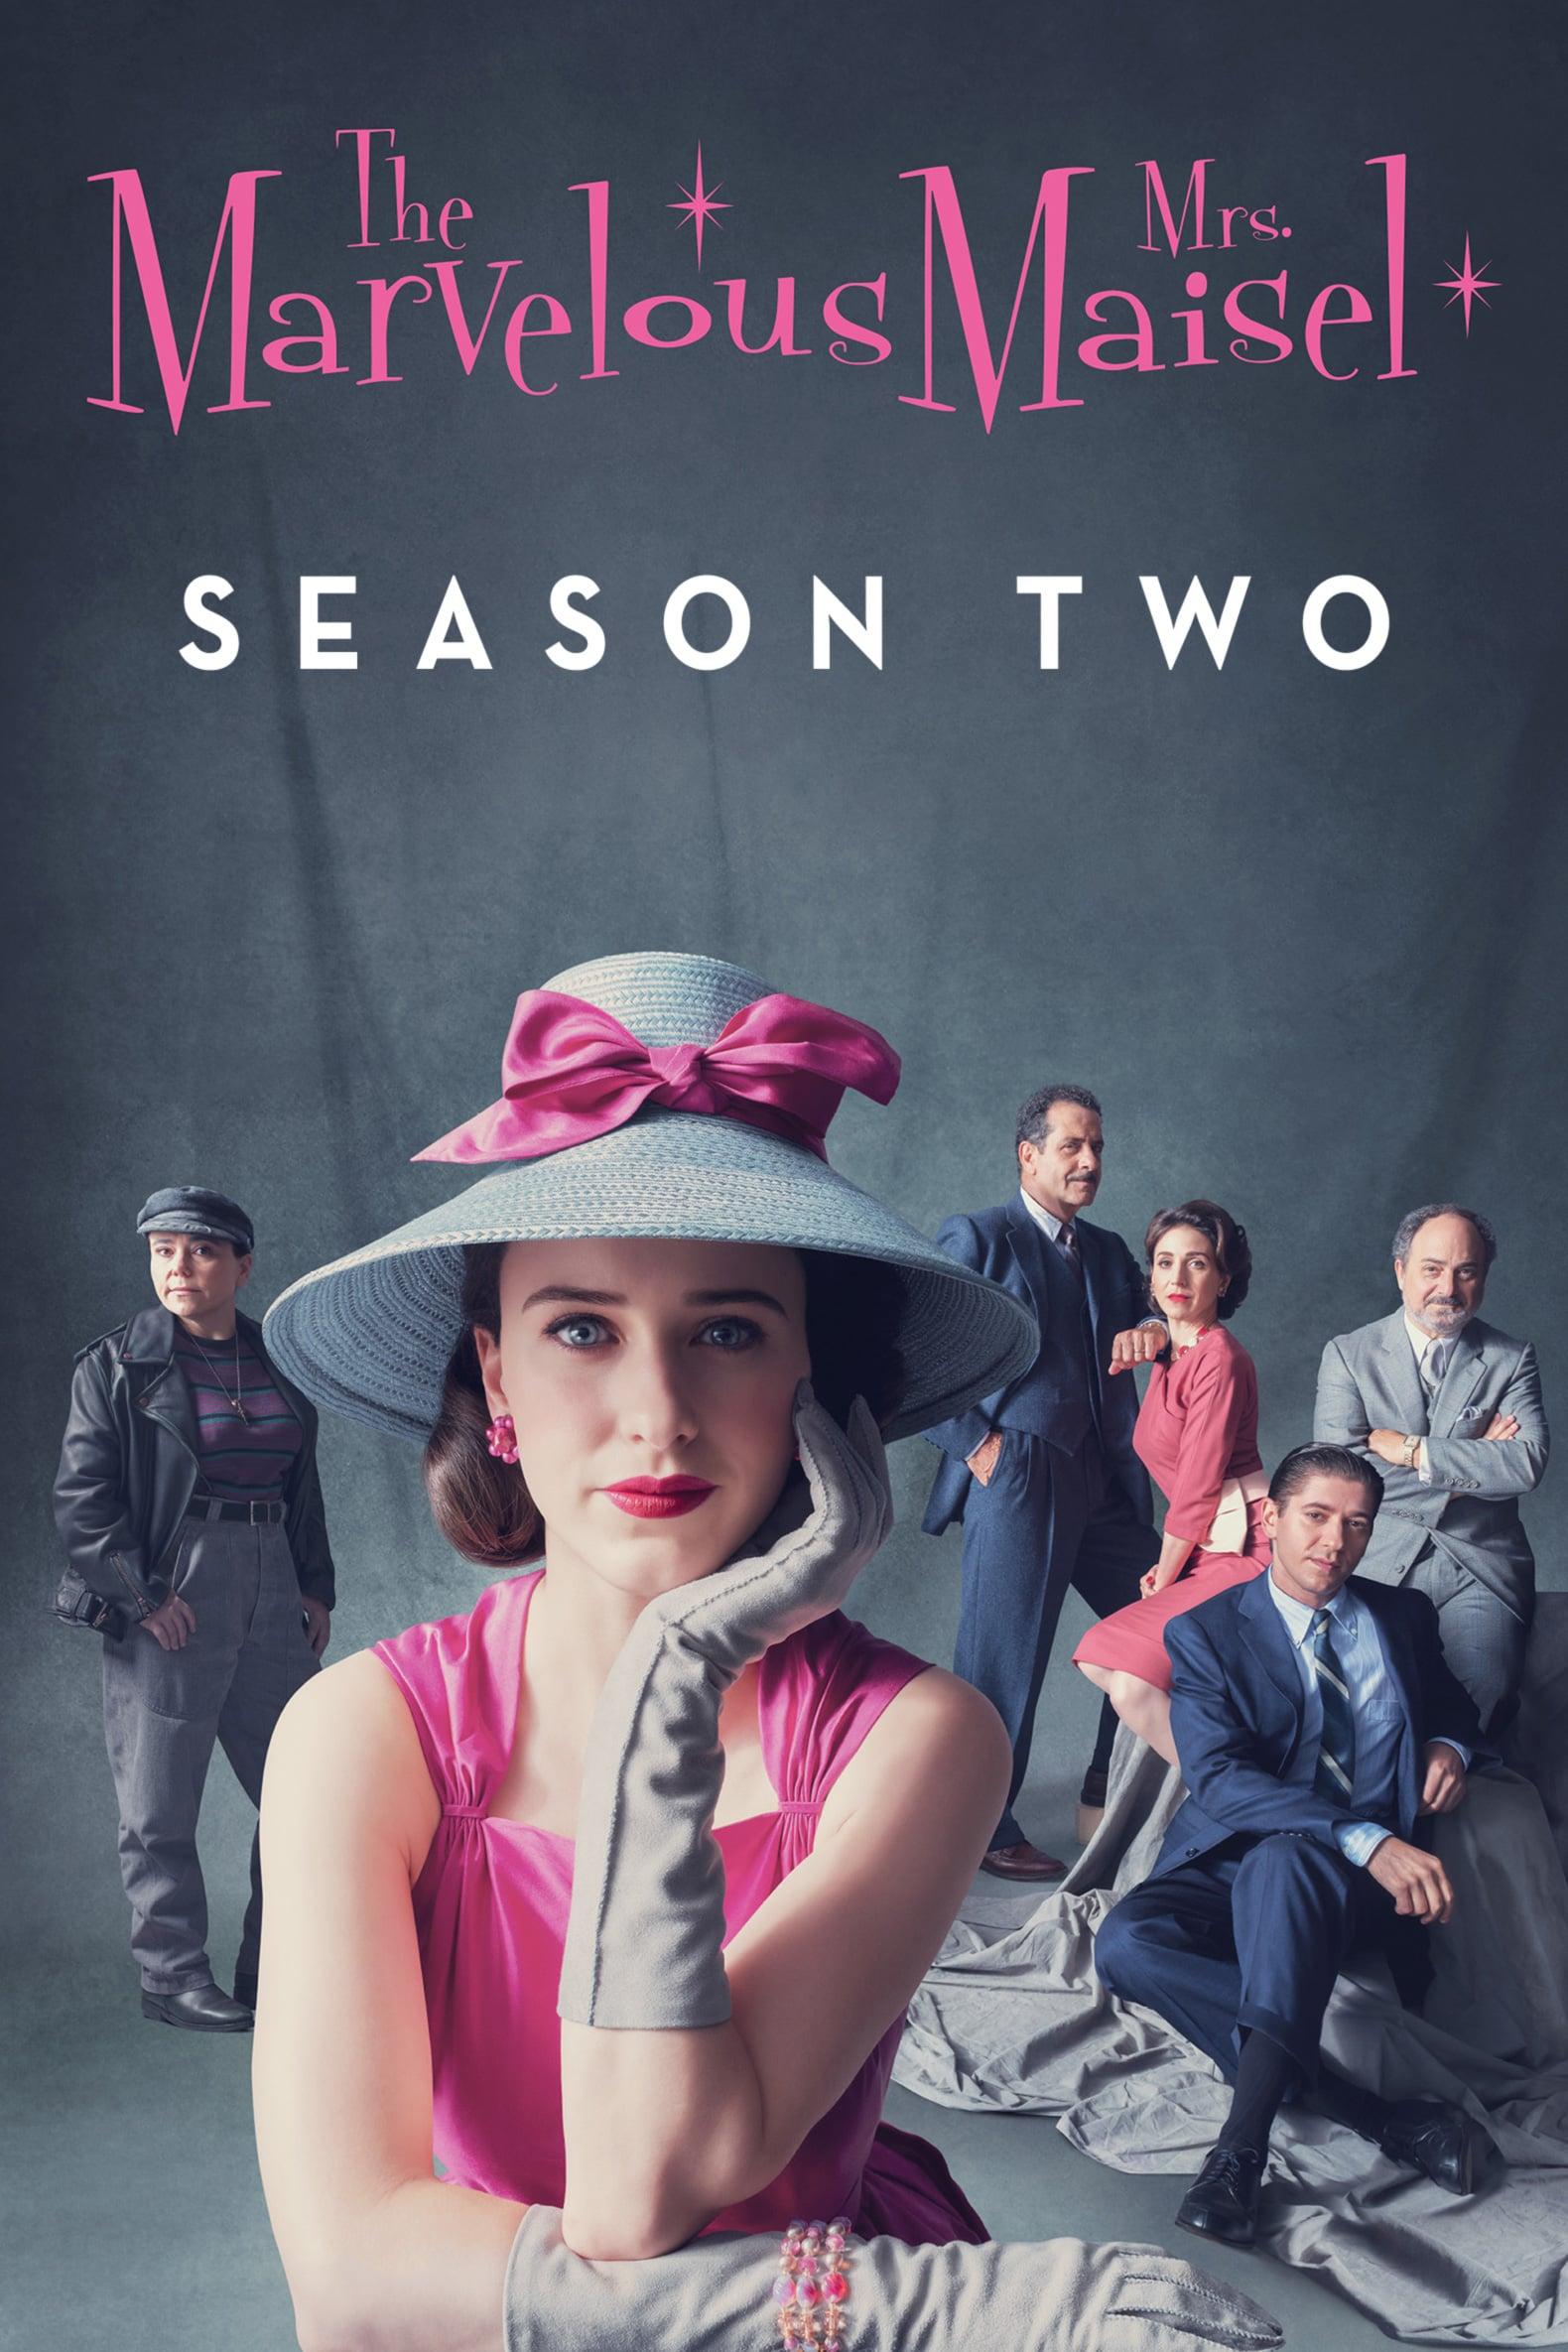 Image the-lawyer-37444-episode-5-season-1.jpg